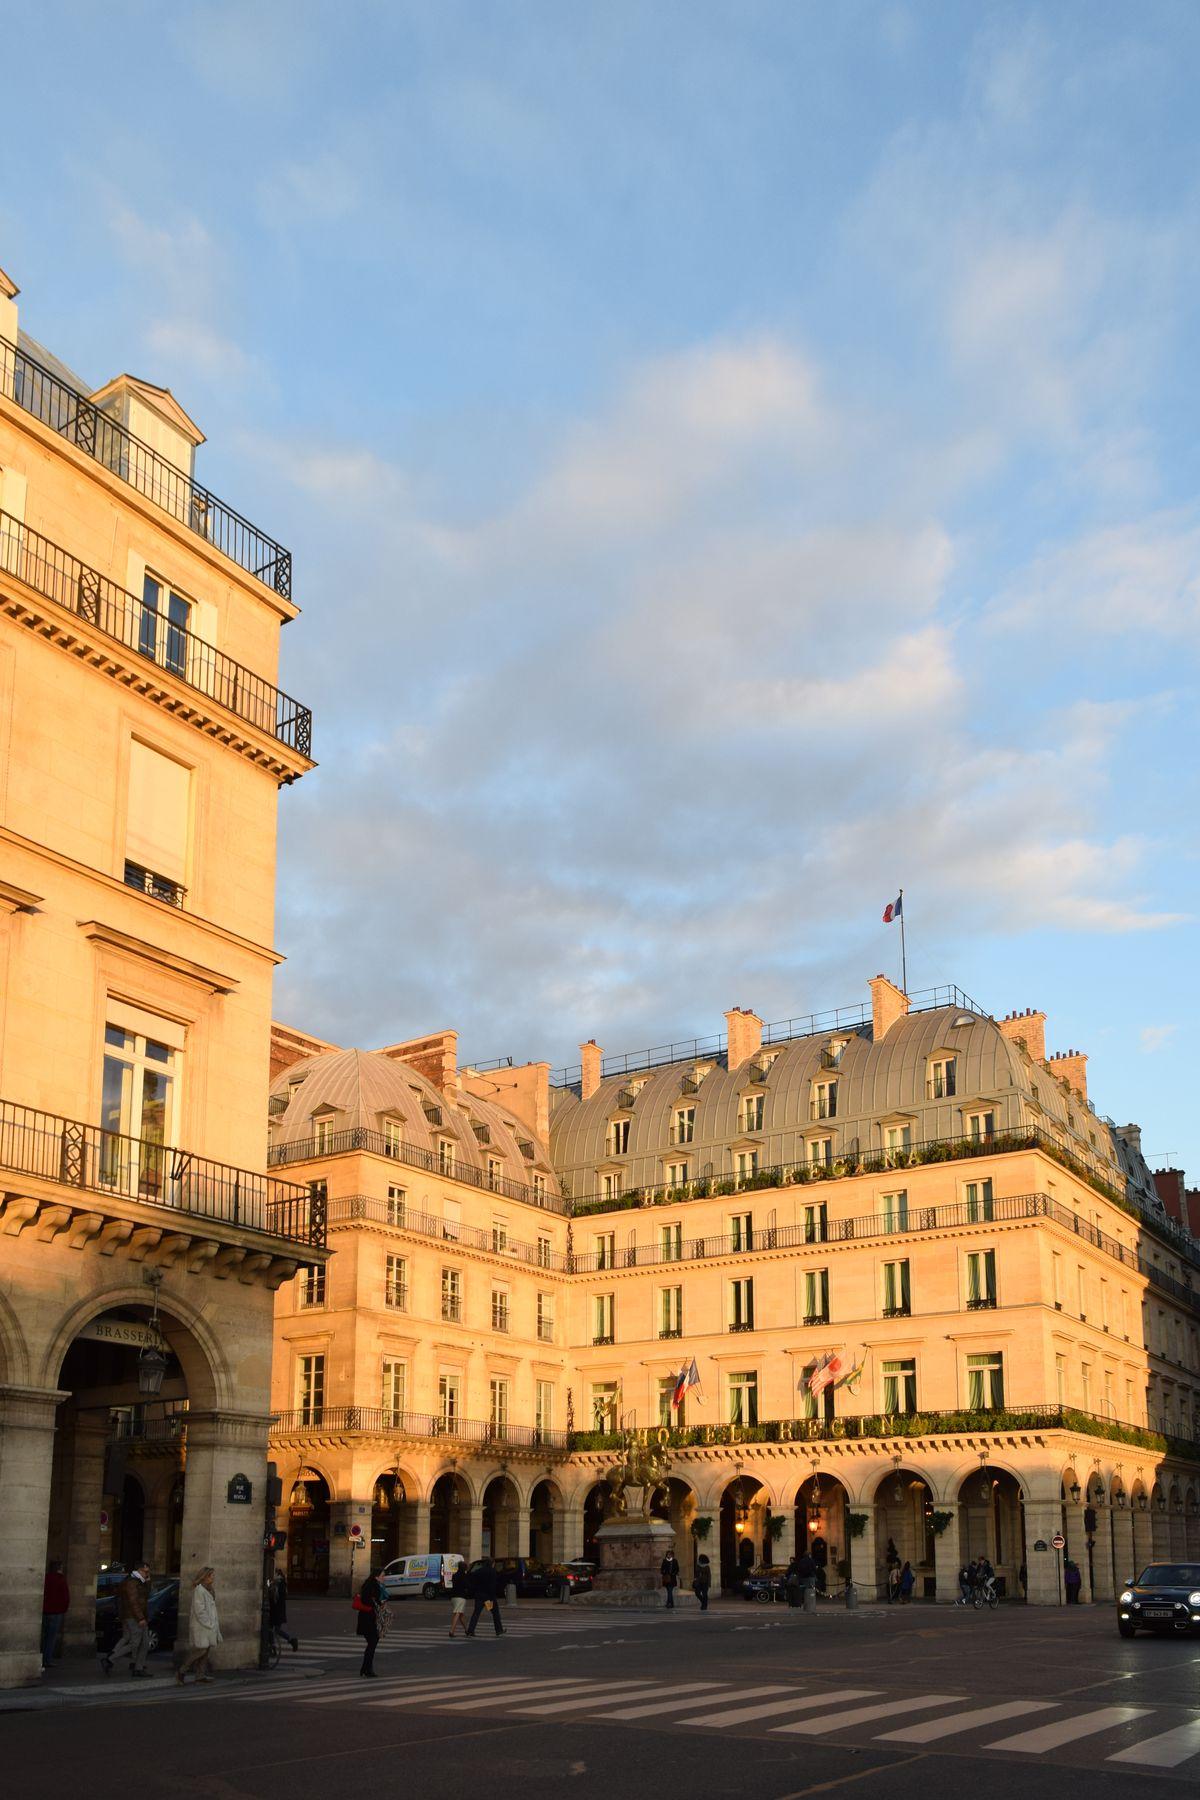 Hotel Regina at dusk on Rue De Rivoli, Paris, France